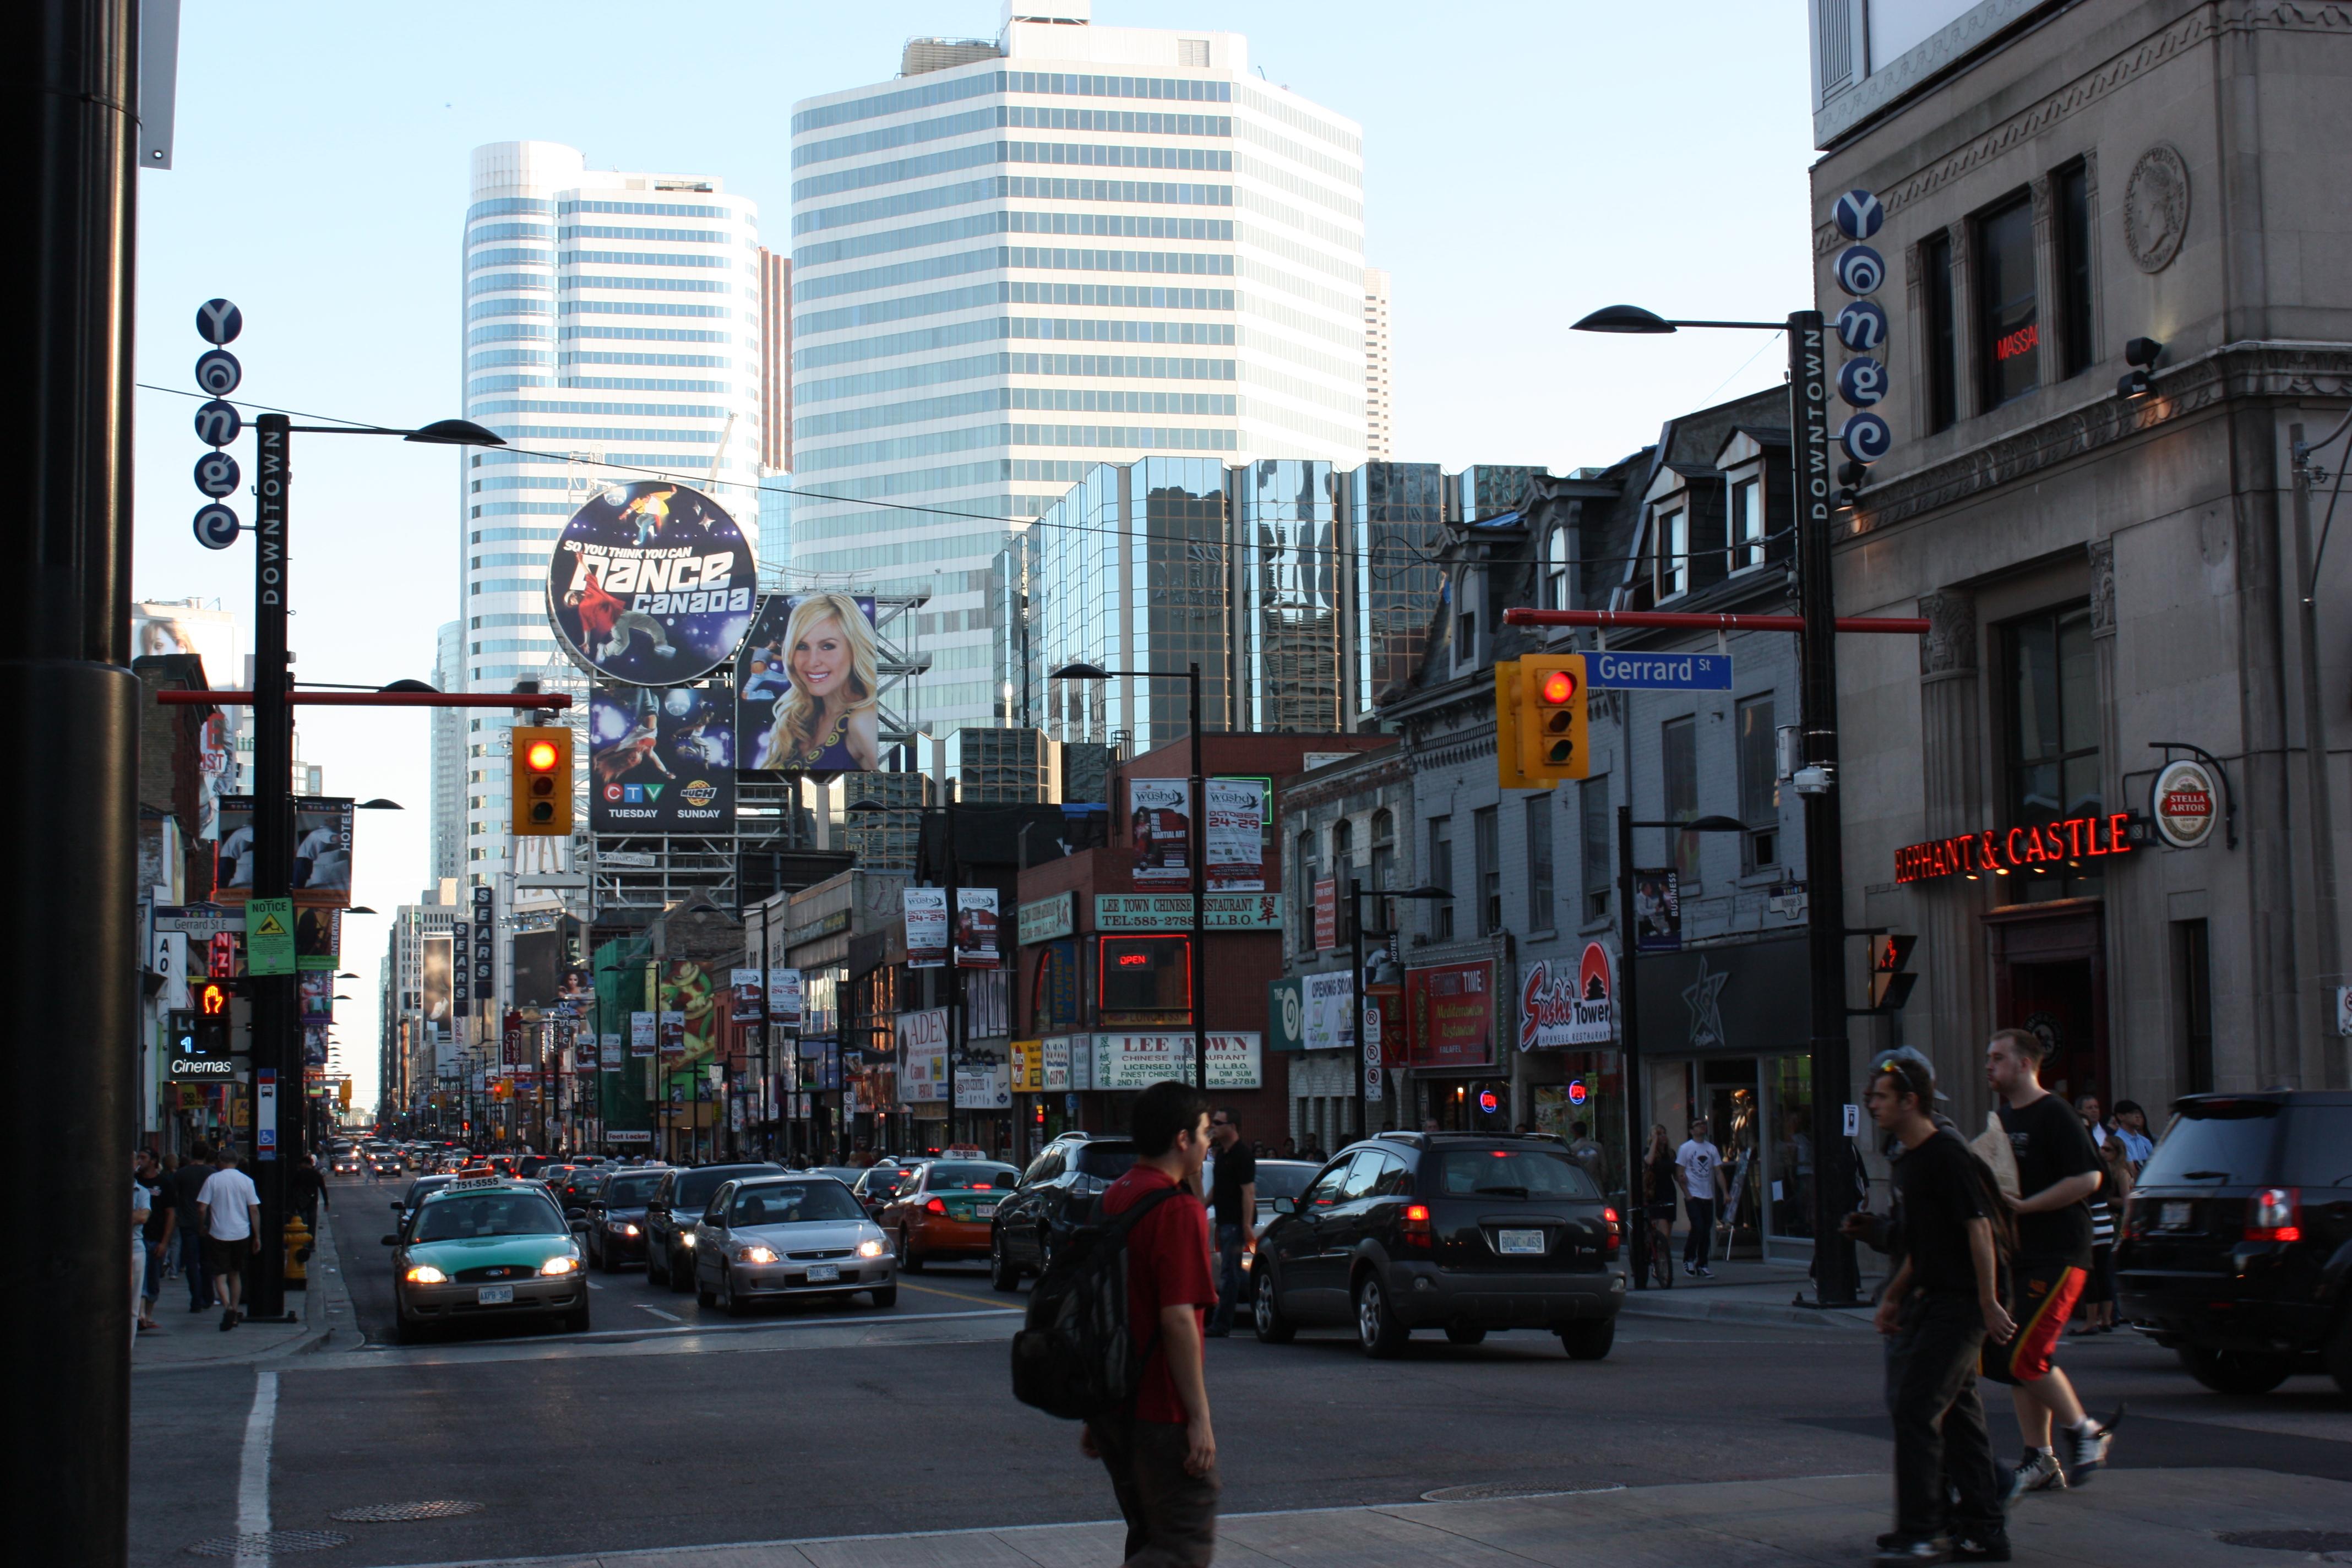 rencontre craigslist Toronto i datant de mon ex à nouveau